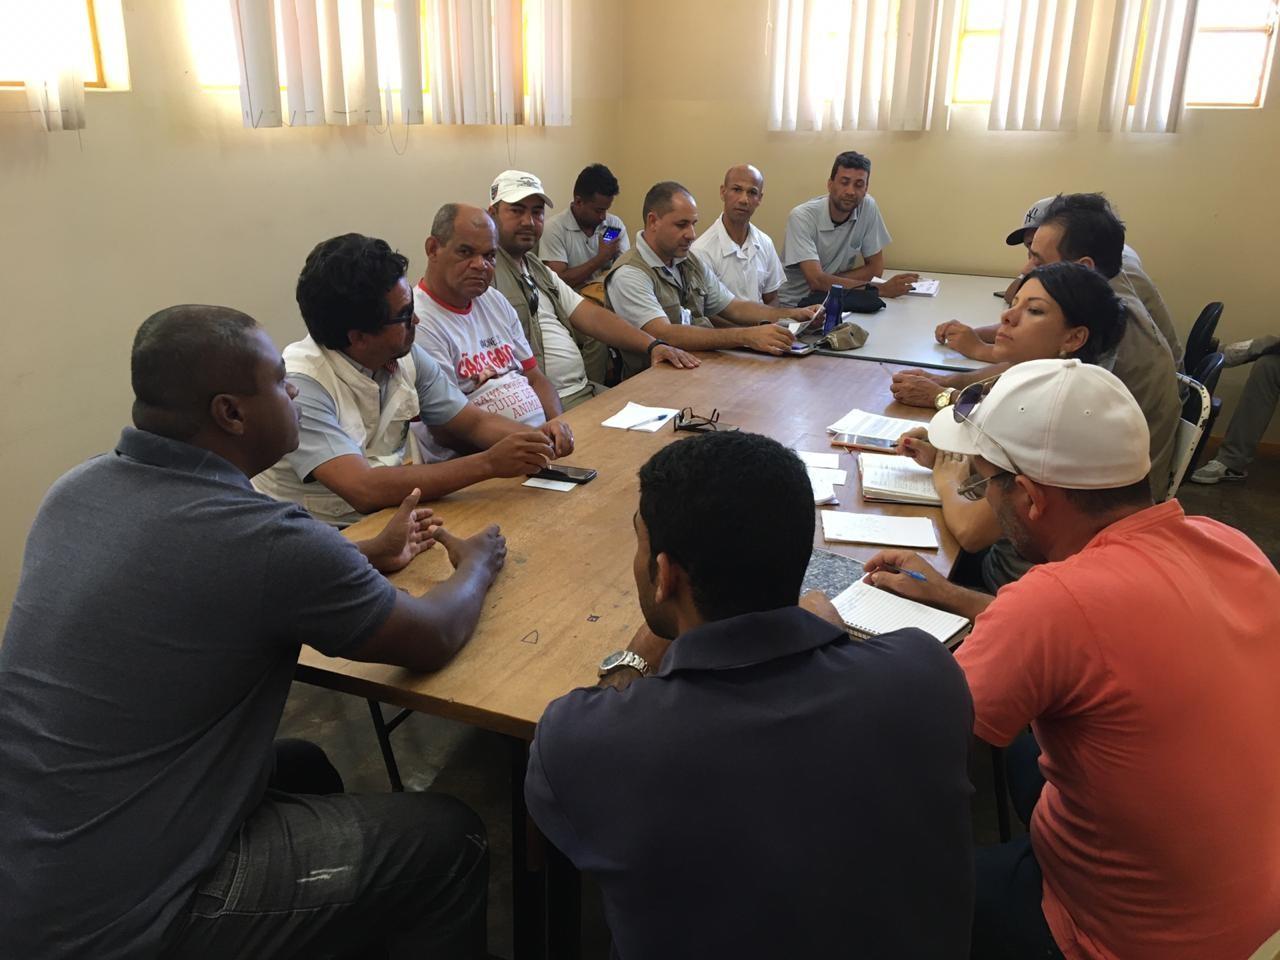 Caso de raiva em morcego é confirmado em Montes Claros e vacinação é intensificada  - Notícias - Plantão Diário